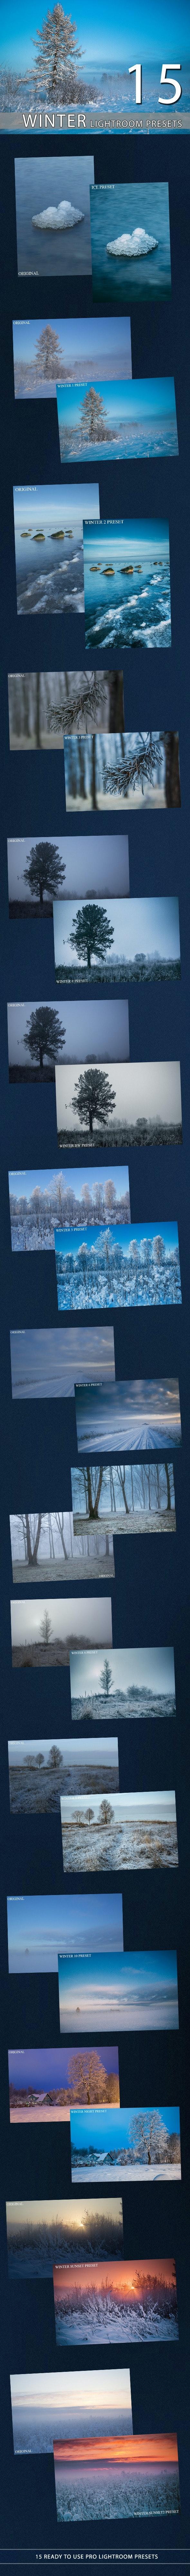 15 Winter Lightroom Premium Presets - Landscape Lightroom Presets